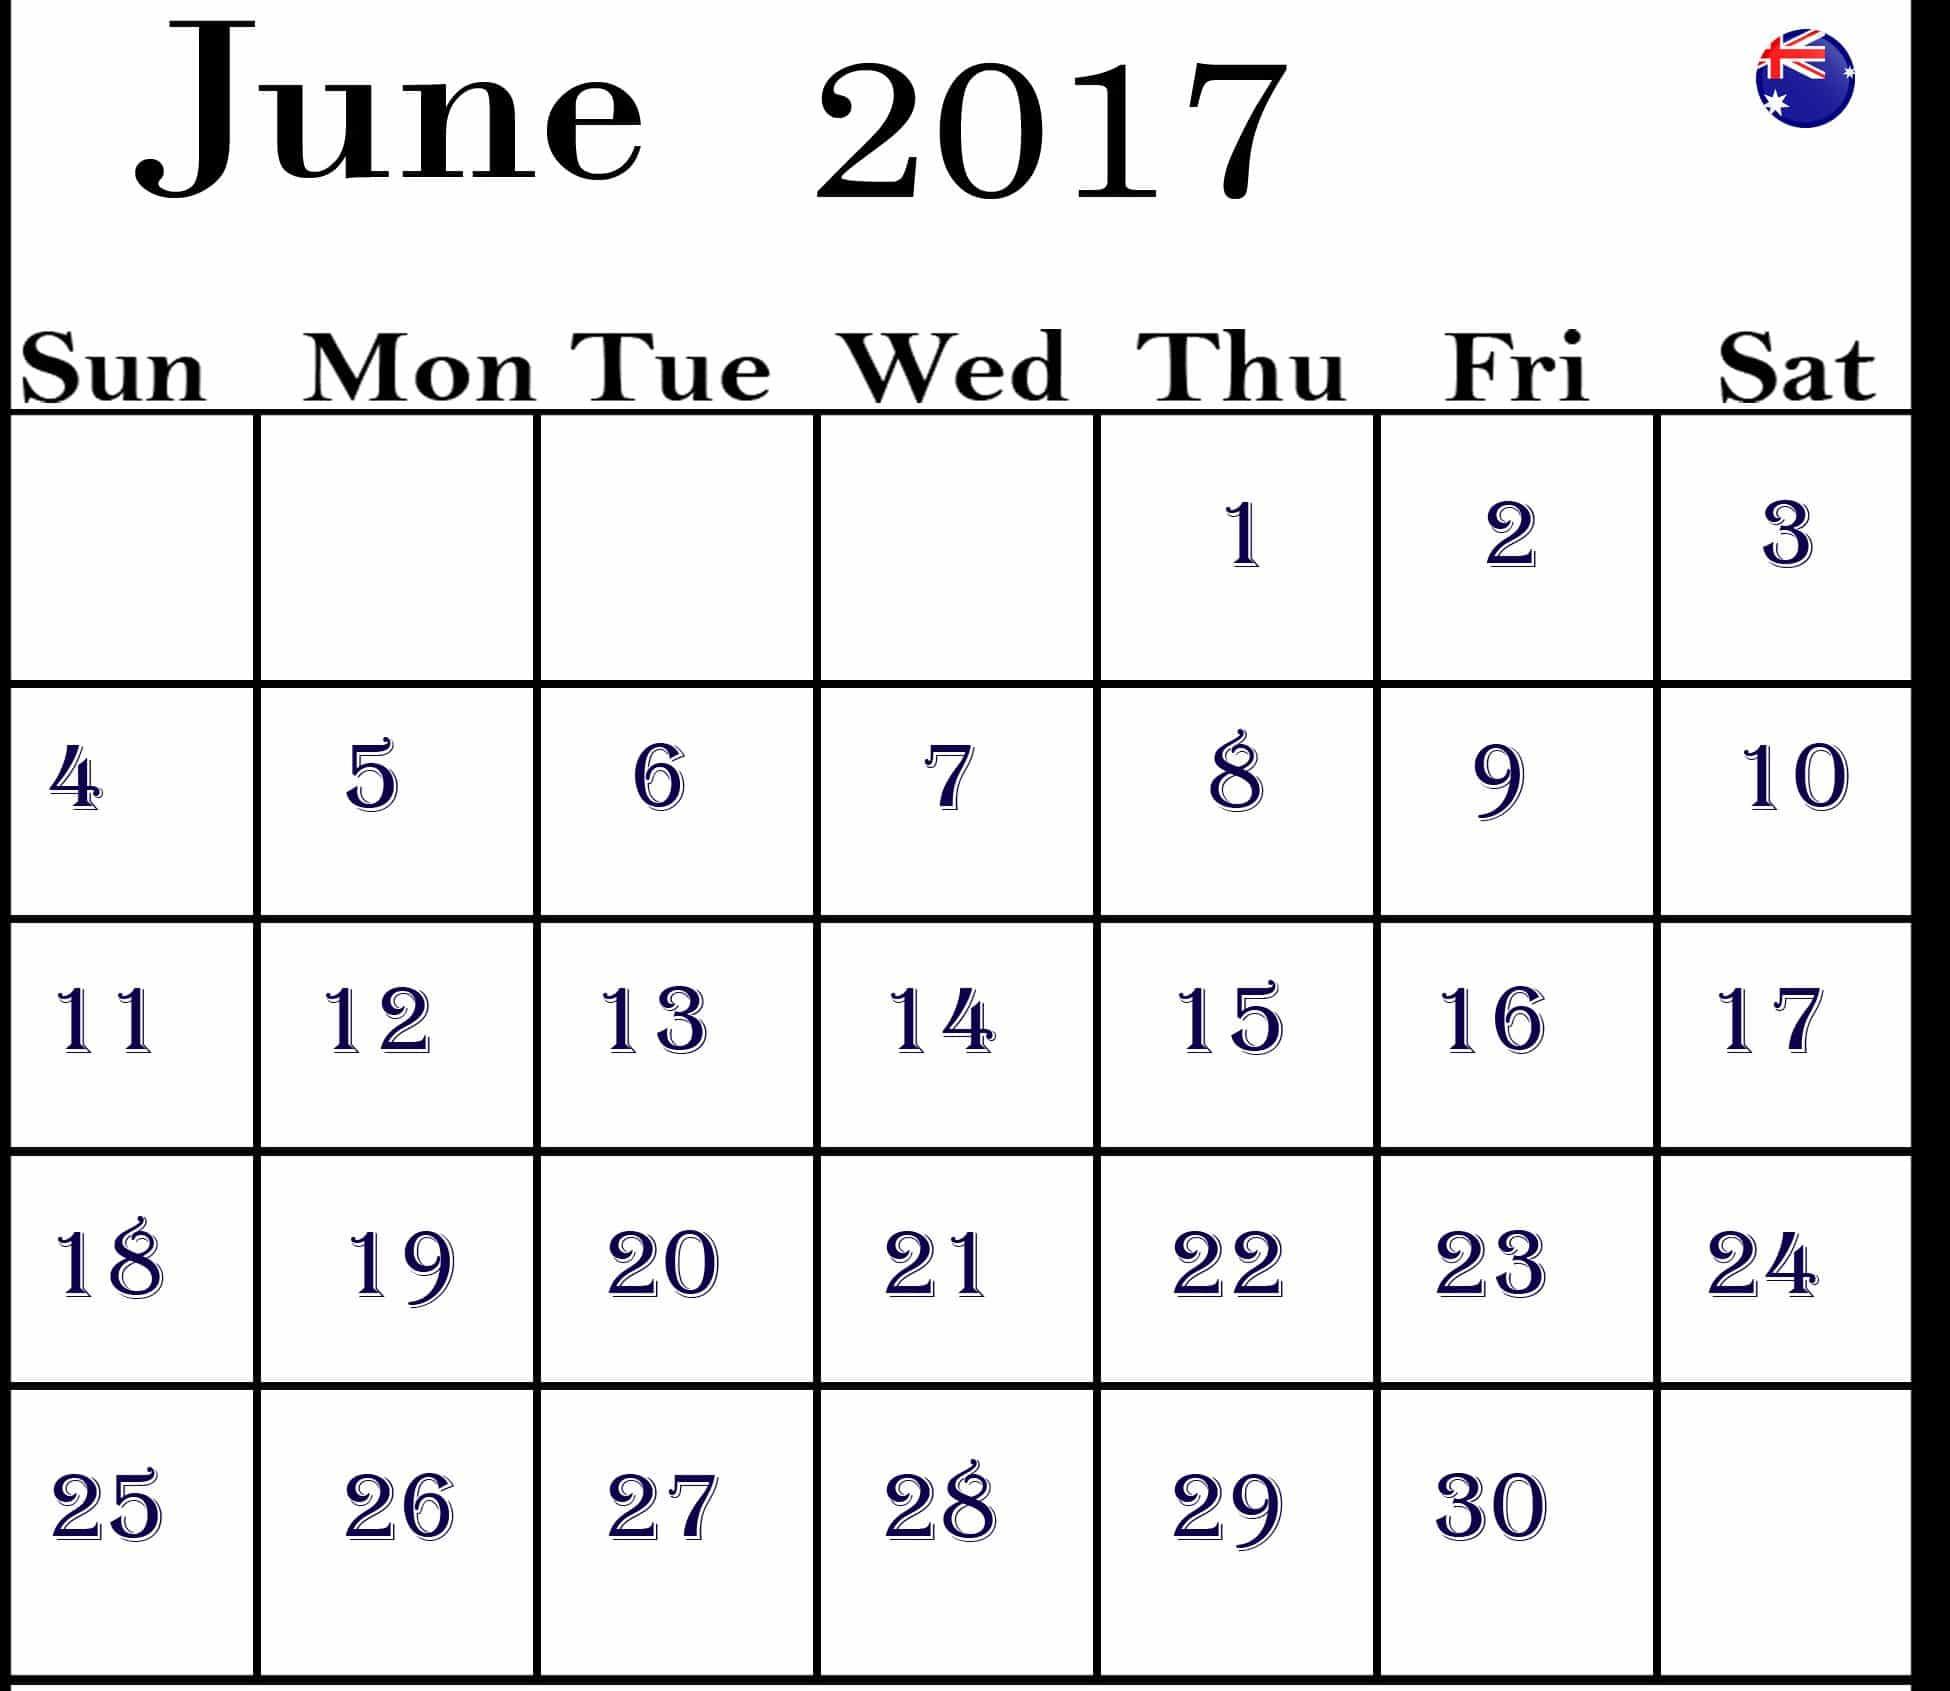 June 2017 calendar Photo Australia